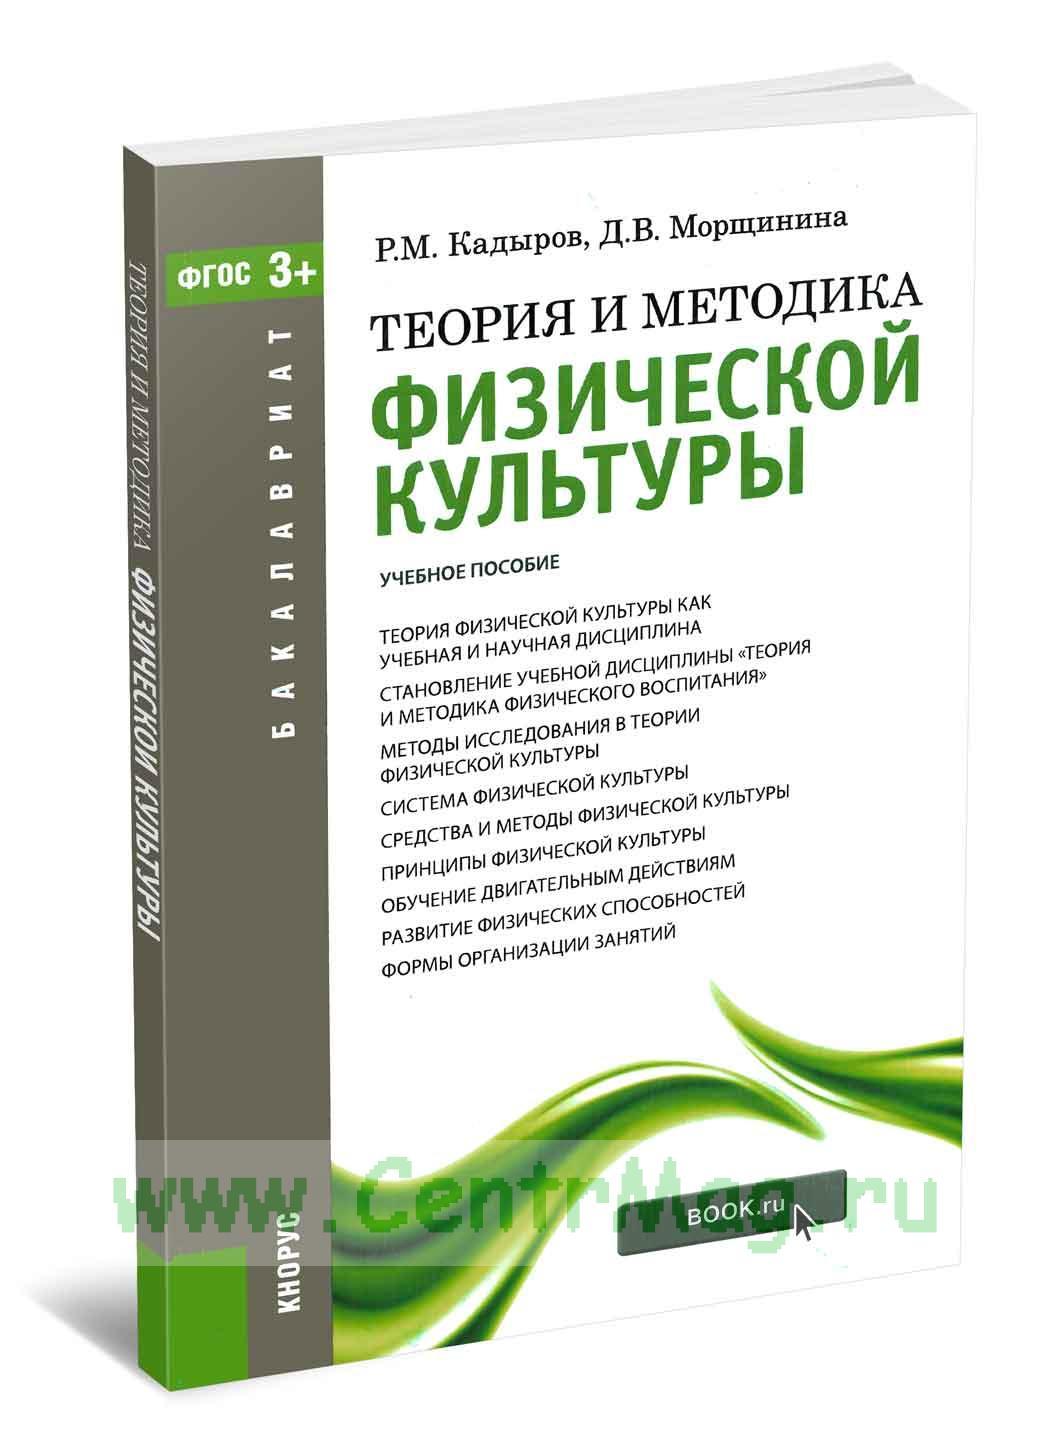 Теория и методика физической культуры: учебное пособие